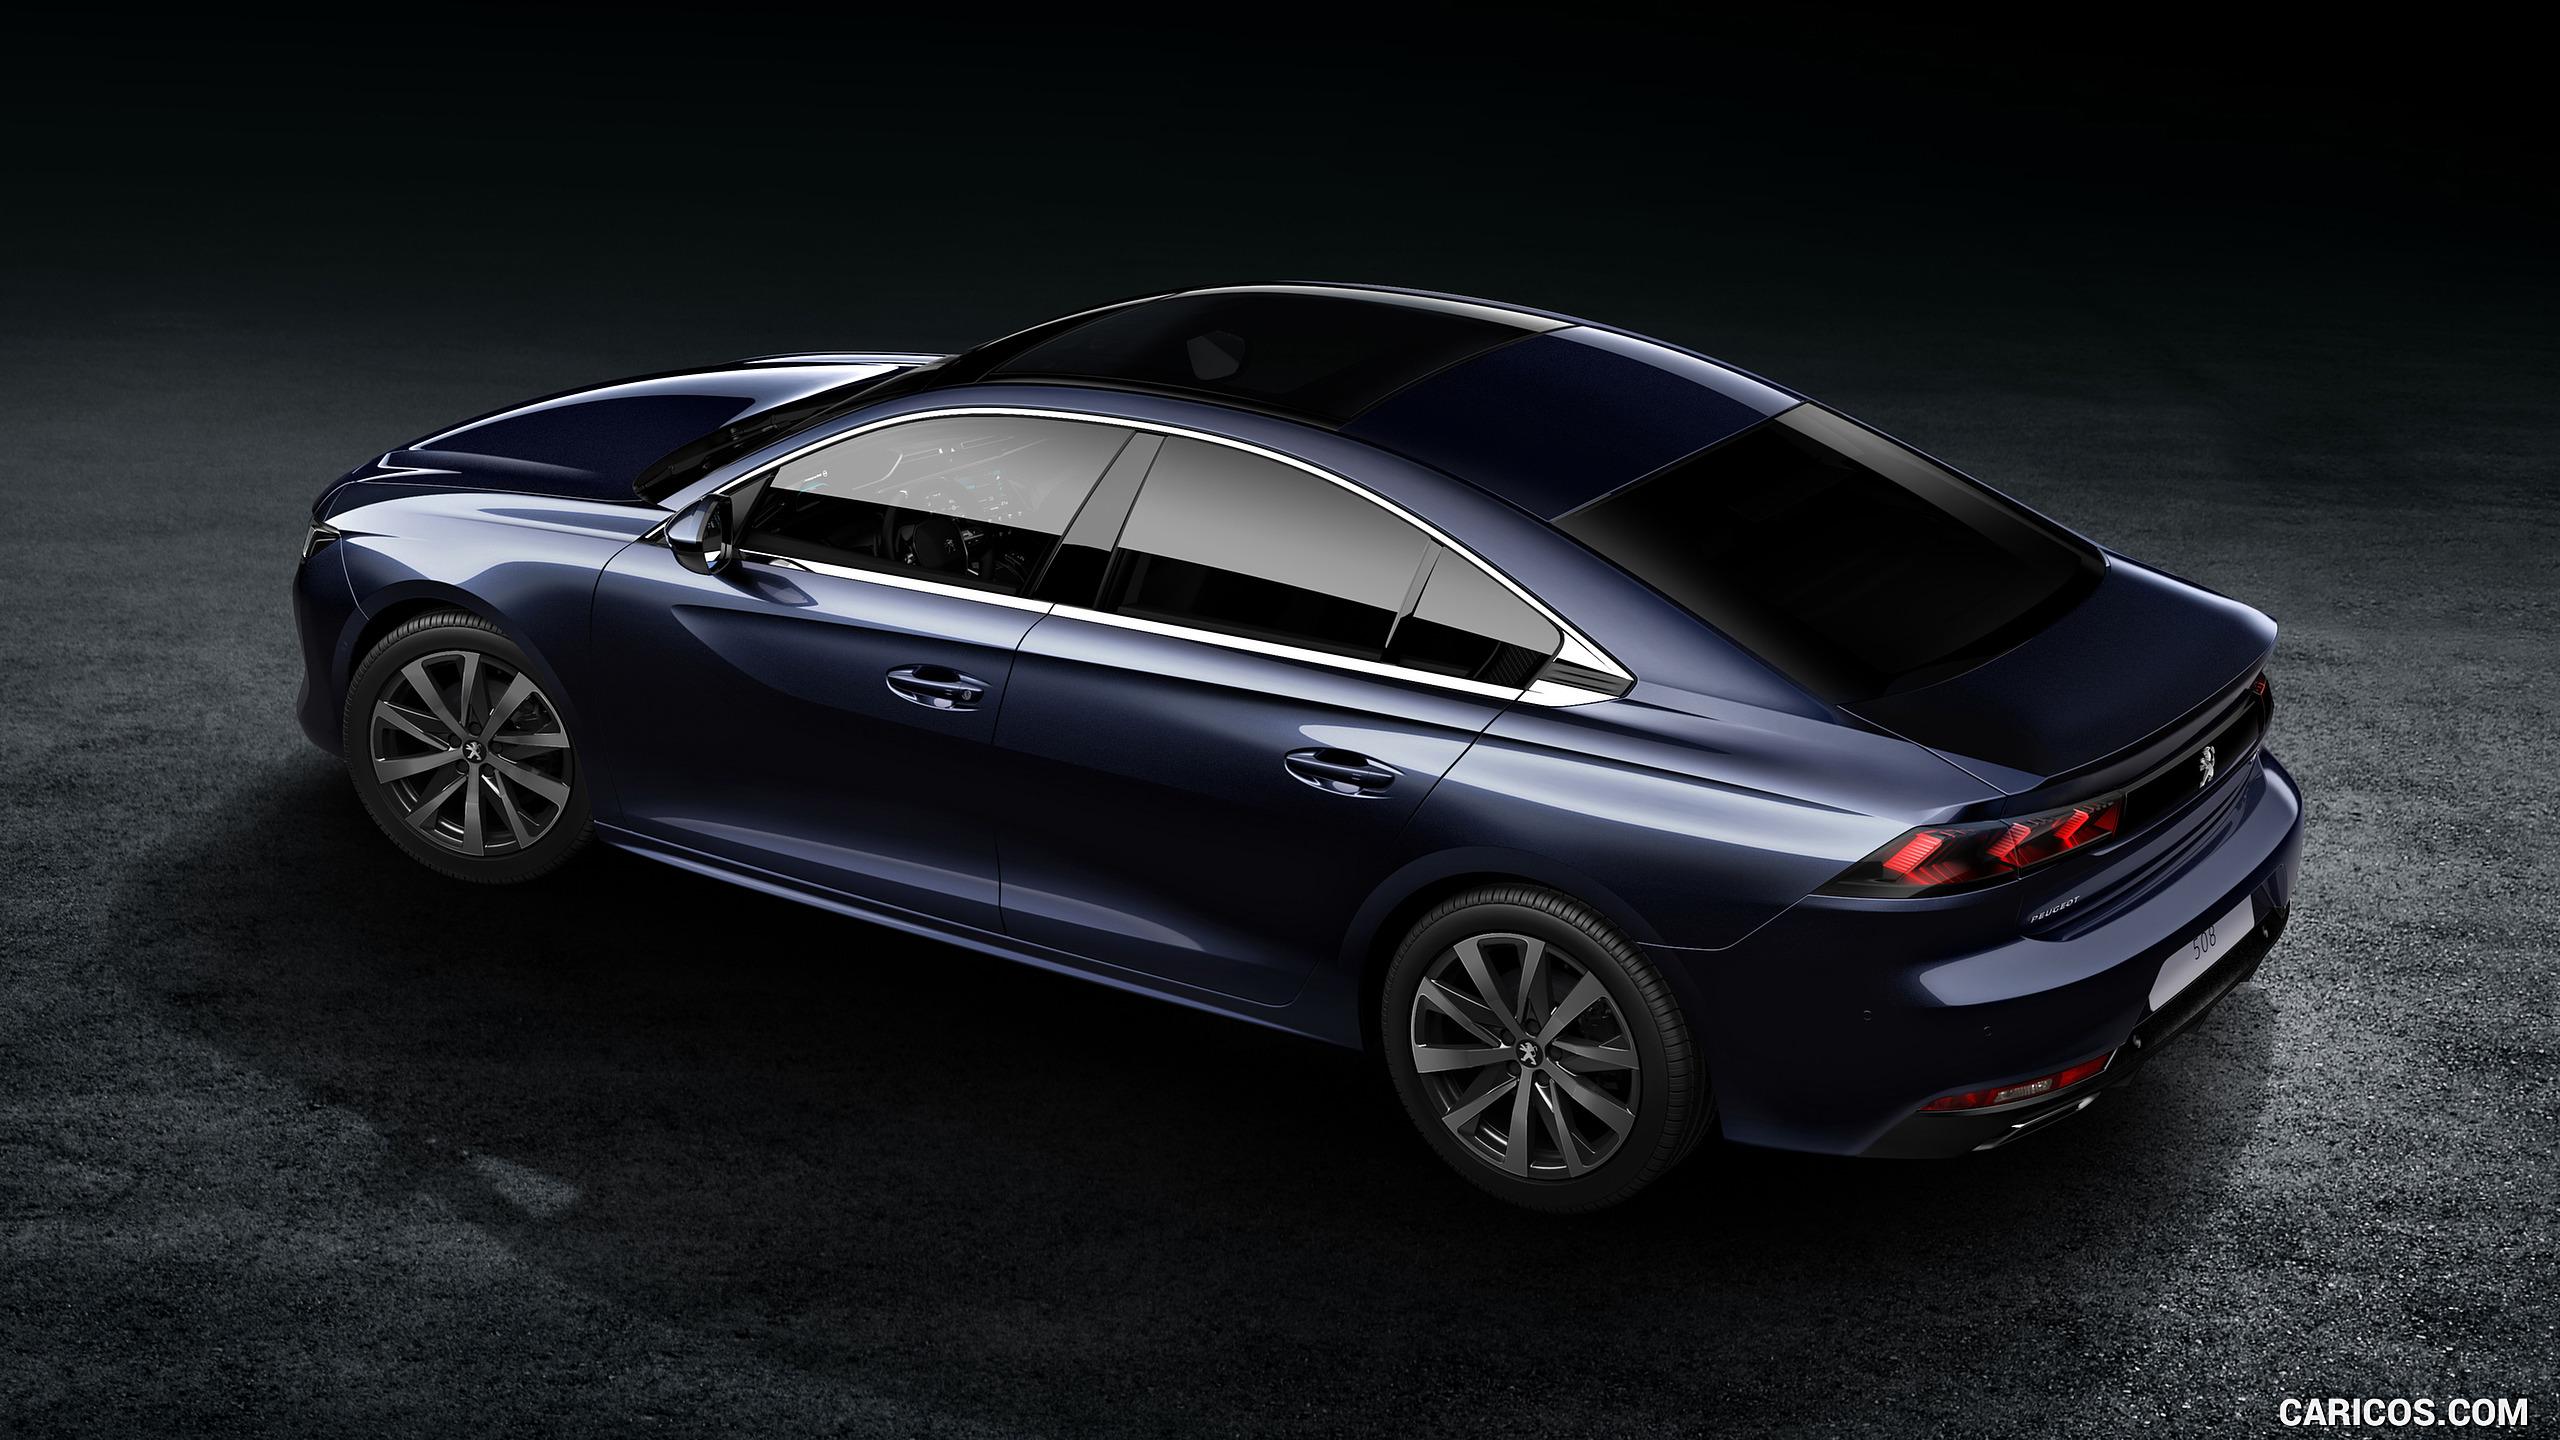 2019 Peugeot 508   Top HD Wallpaper 31 2560x1440